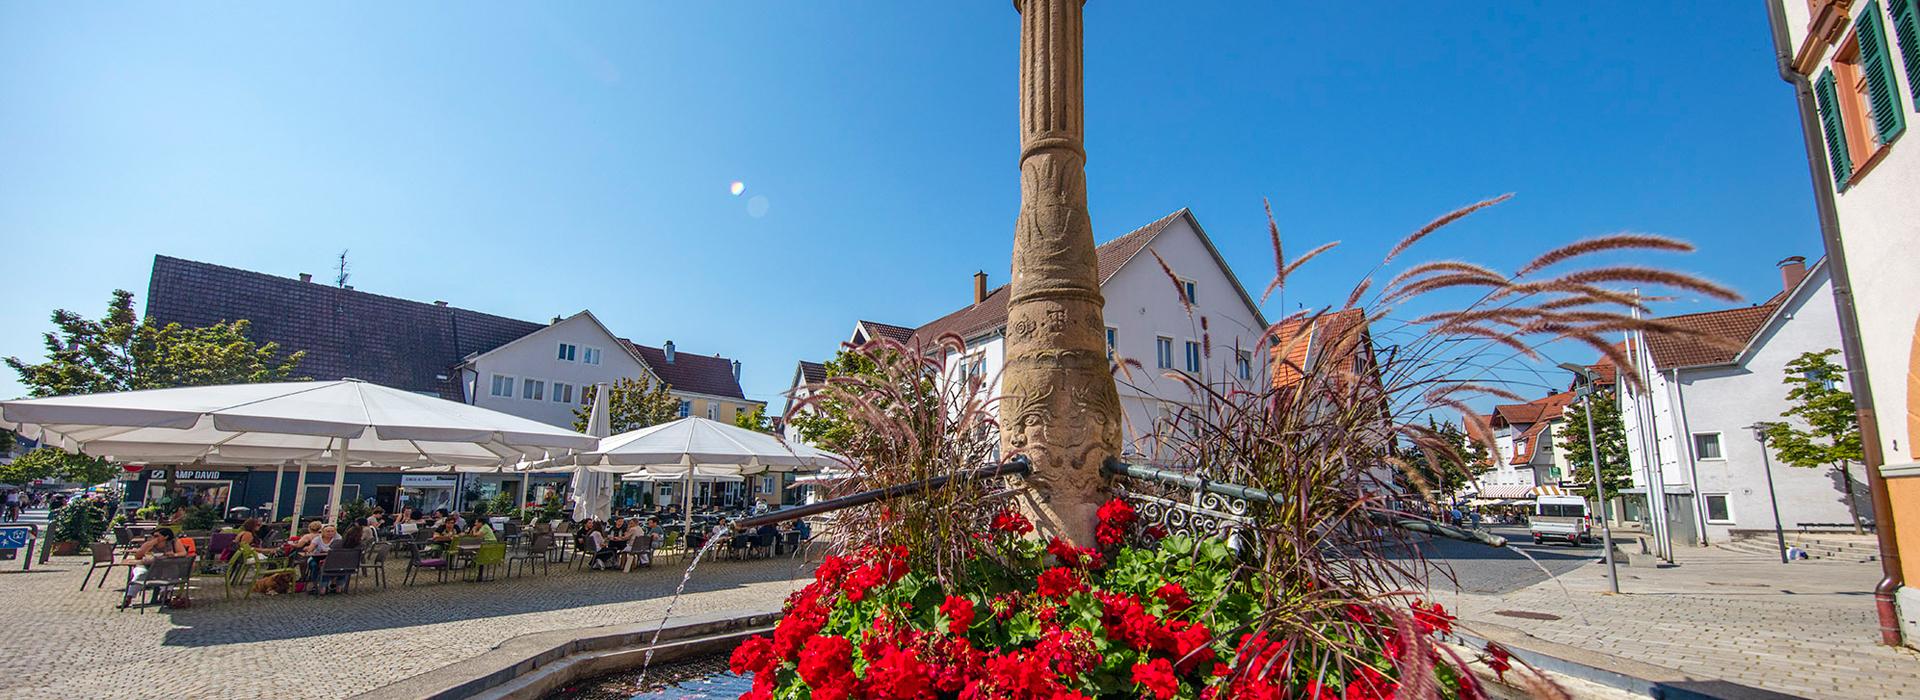 Marktplatz in Metzingen